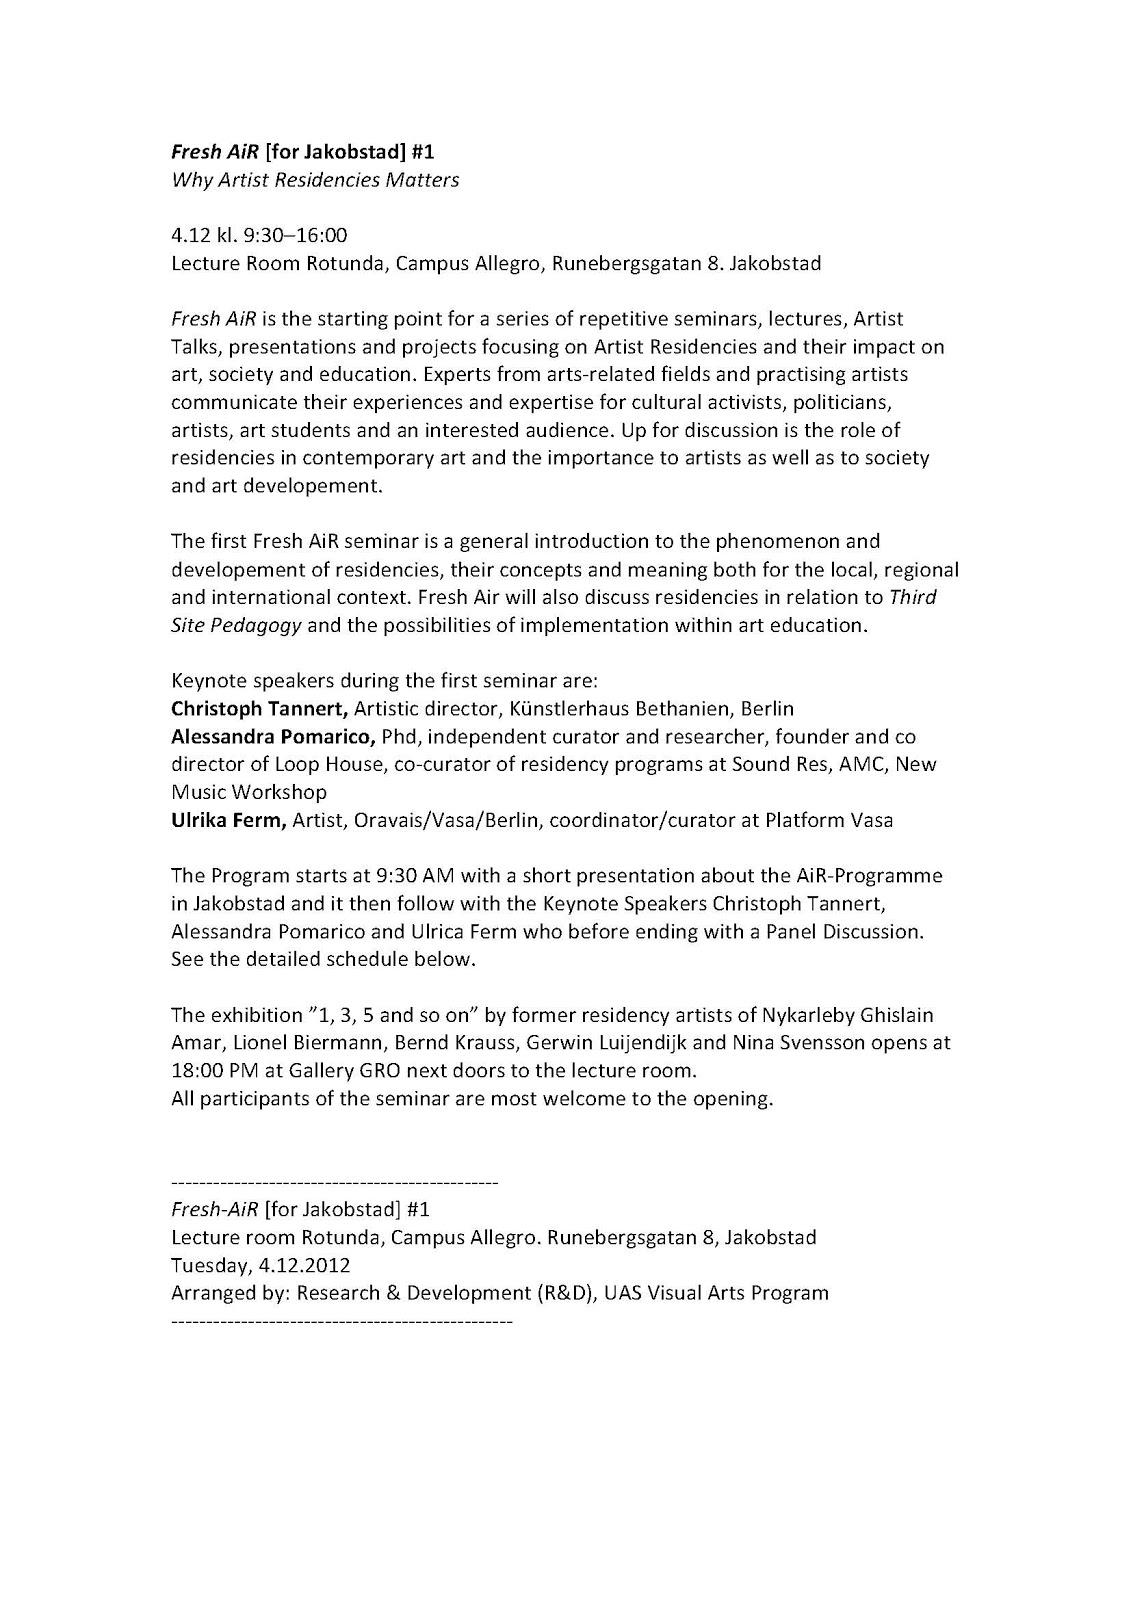 künstlerhaus bethanien residency programme